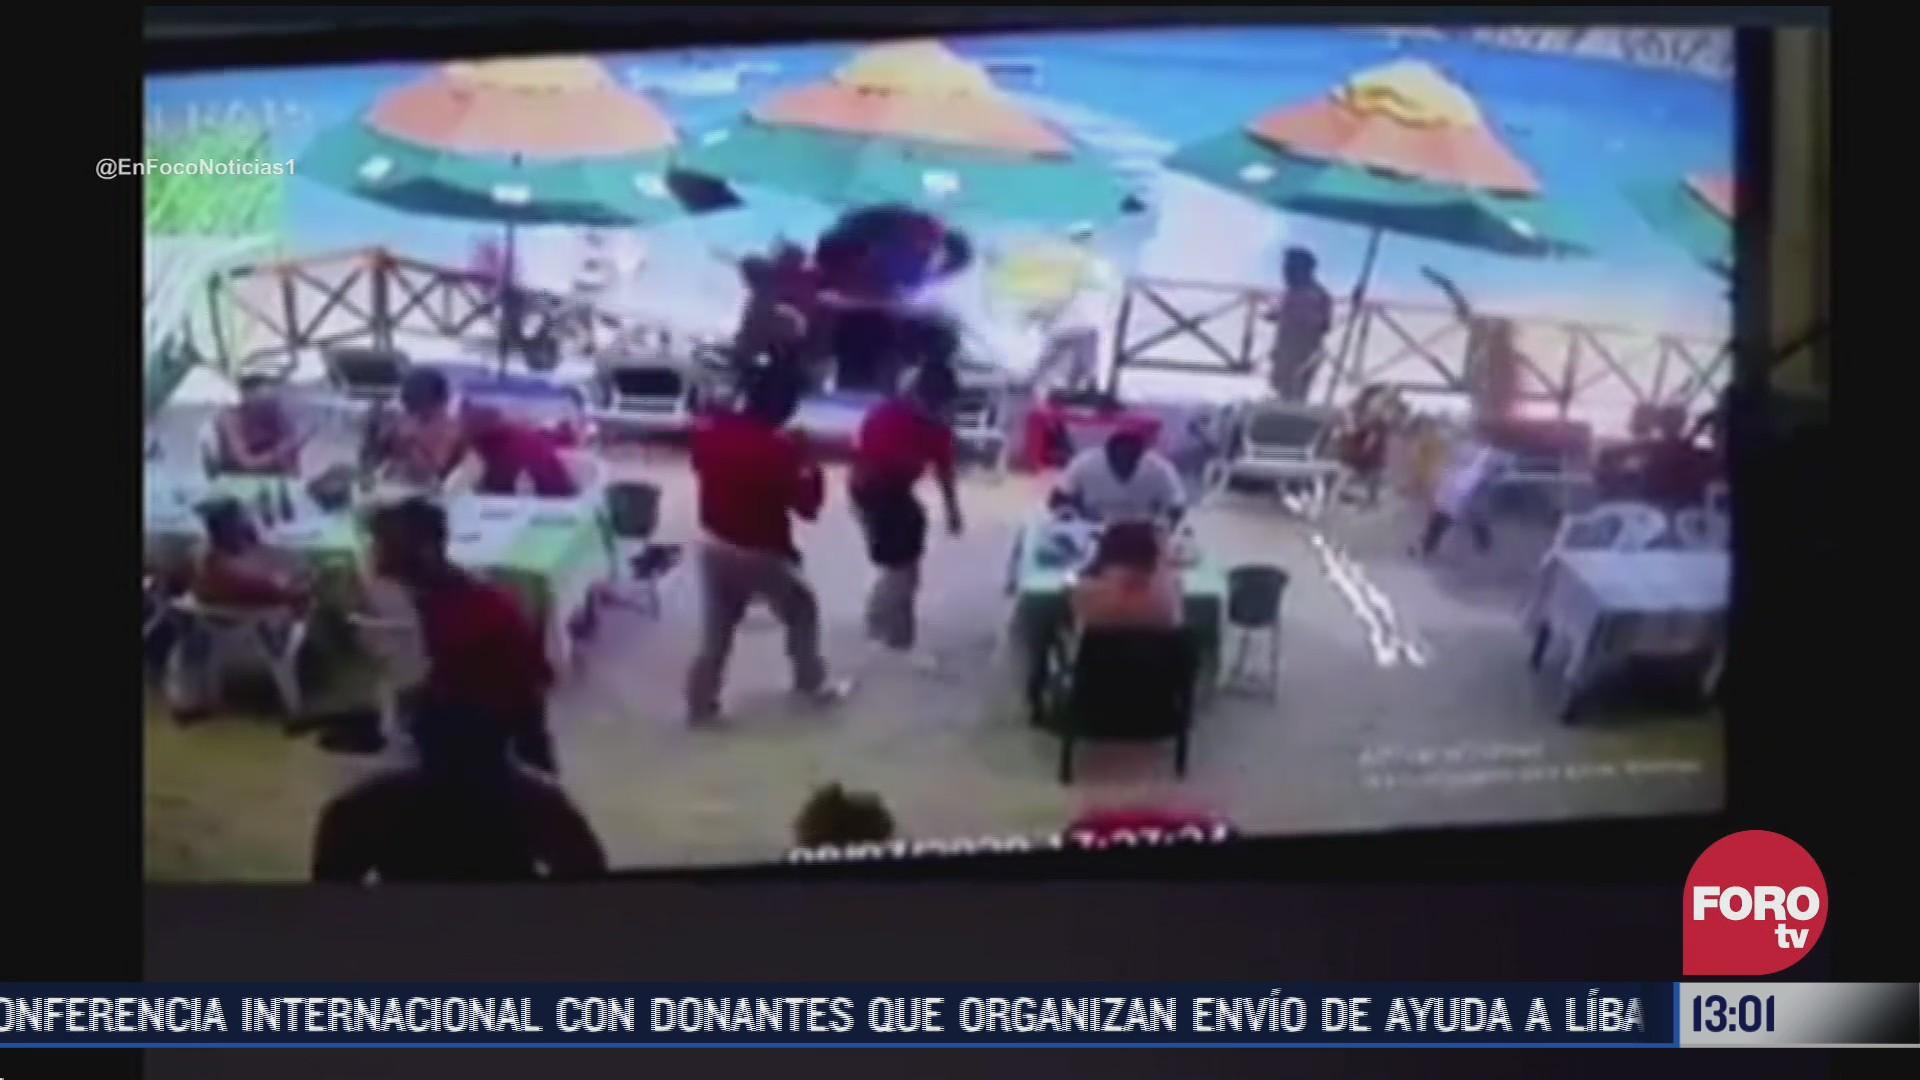 FOTO: 8 de agosto 2020, moto acuatica embiste a comensales en baja california sur